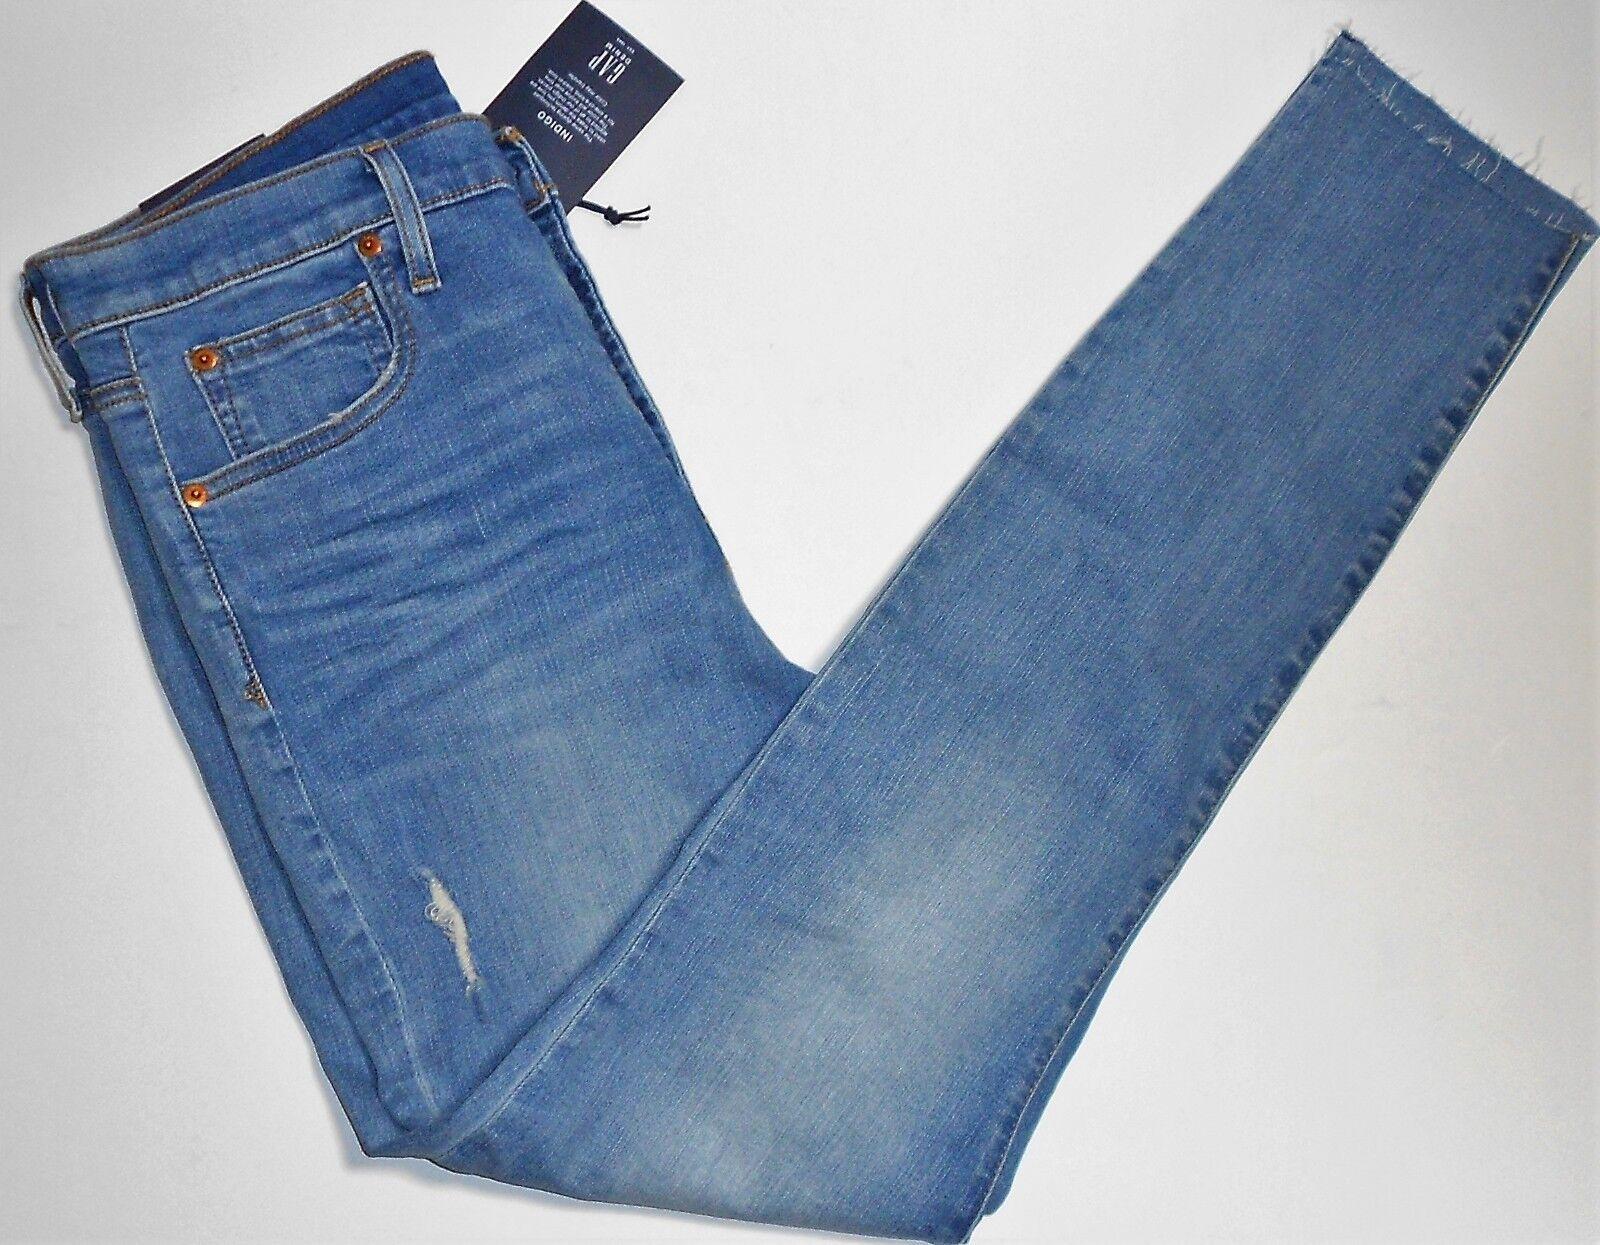 GAP Denim Stretch Indigo True Skinny Ankle Pants Jeans Sz 31 NWT